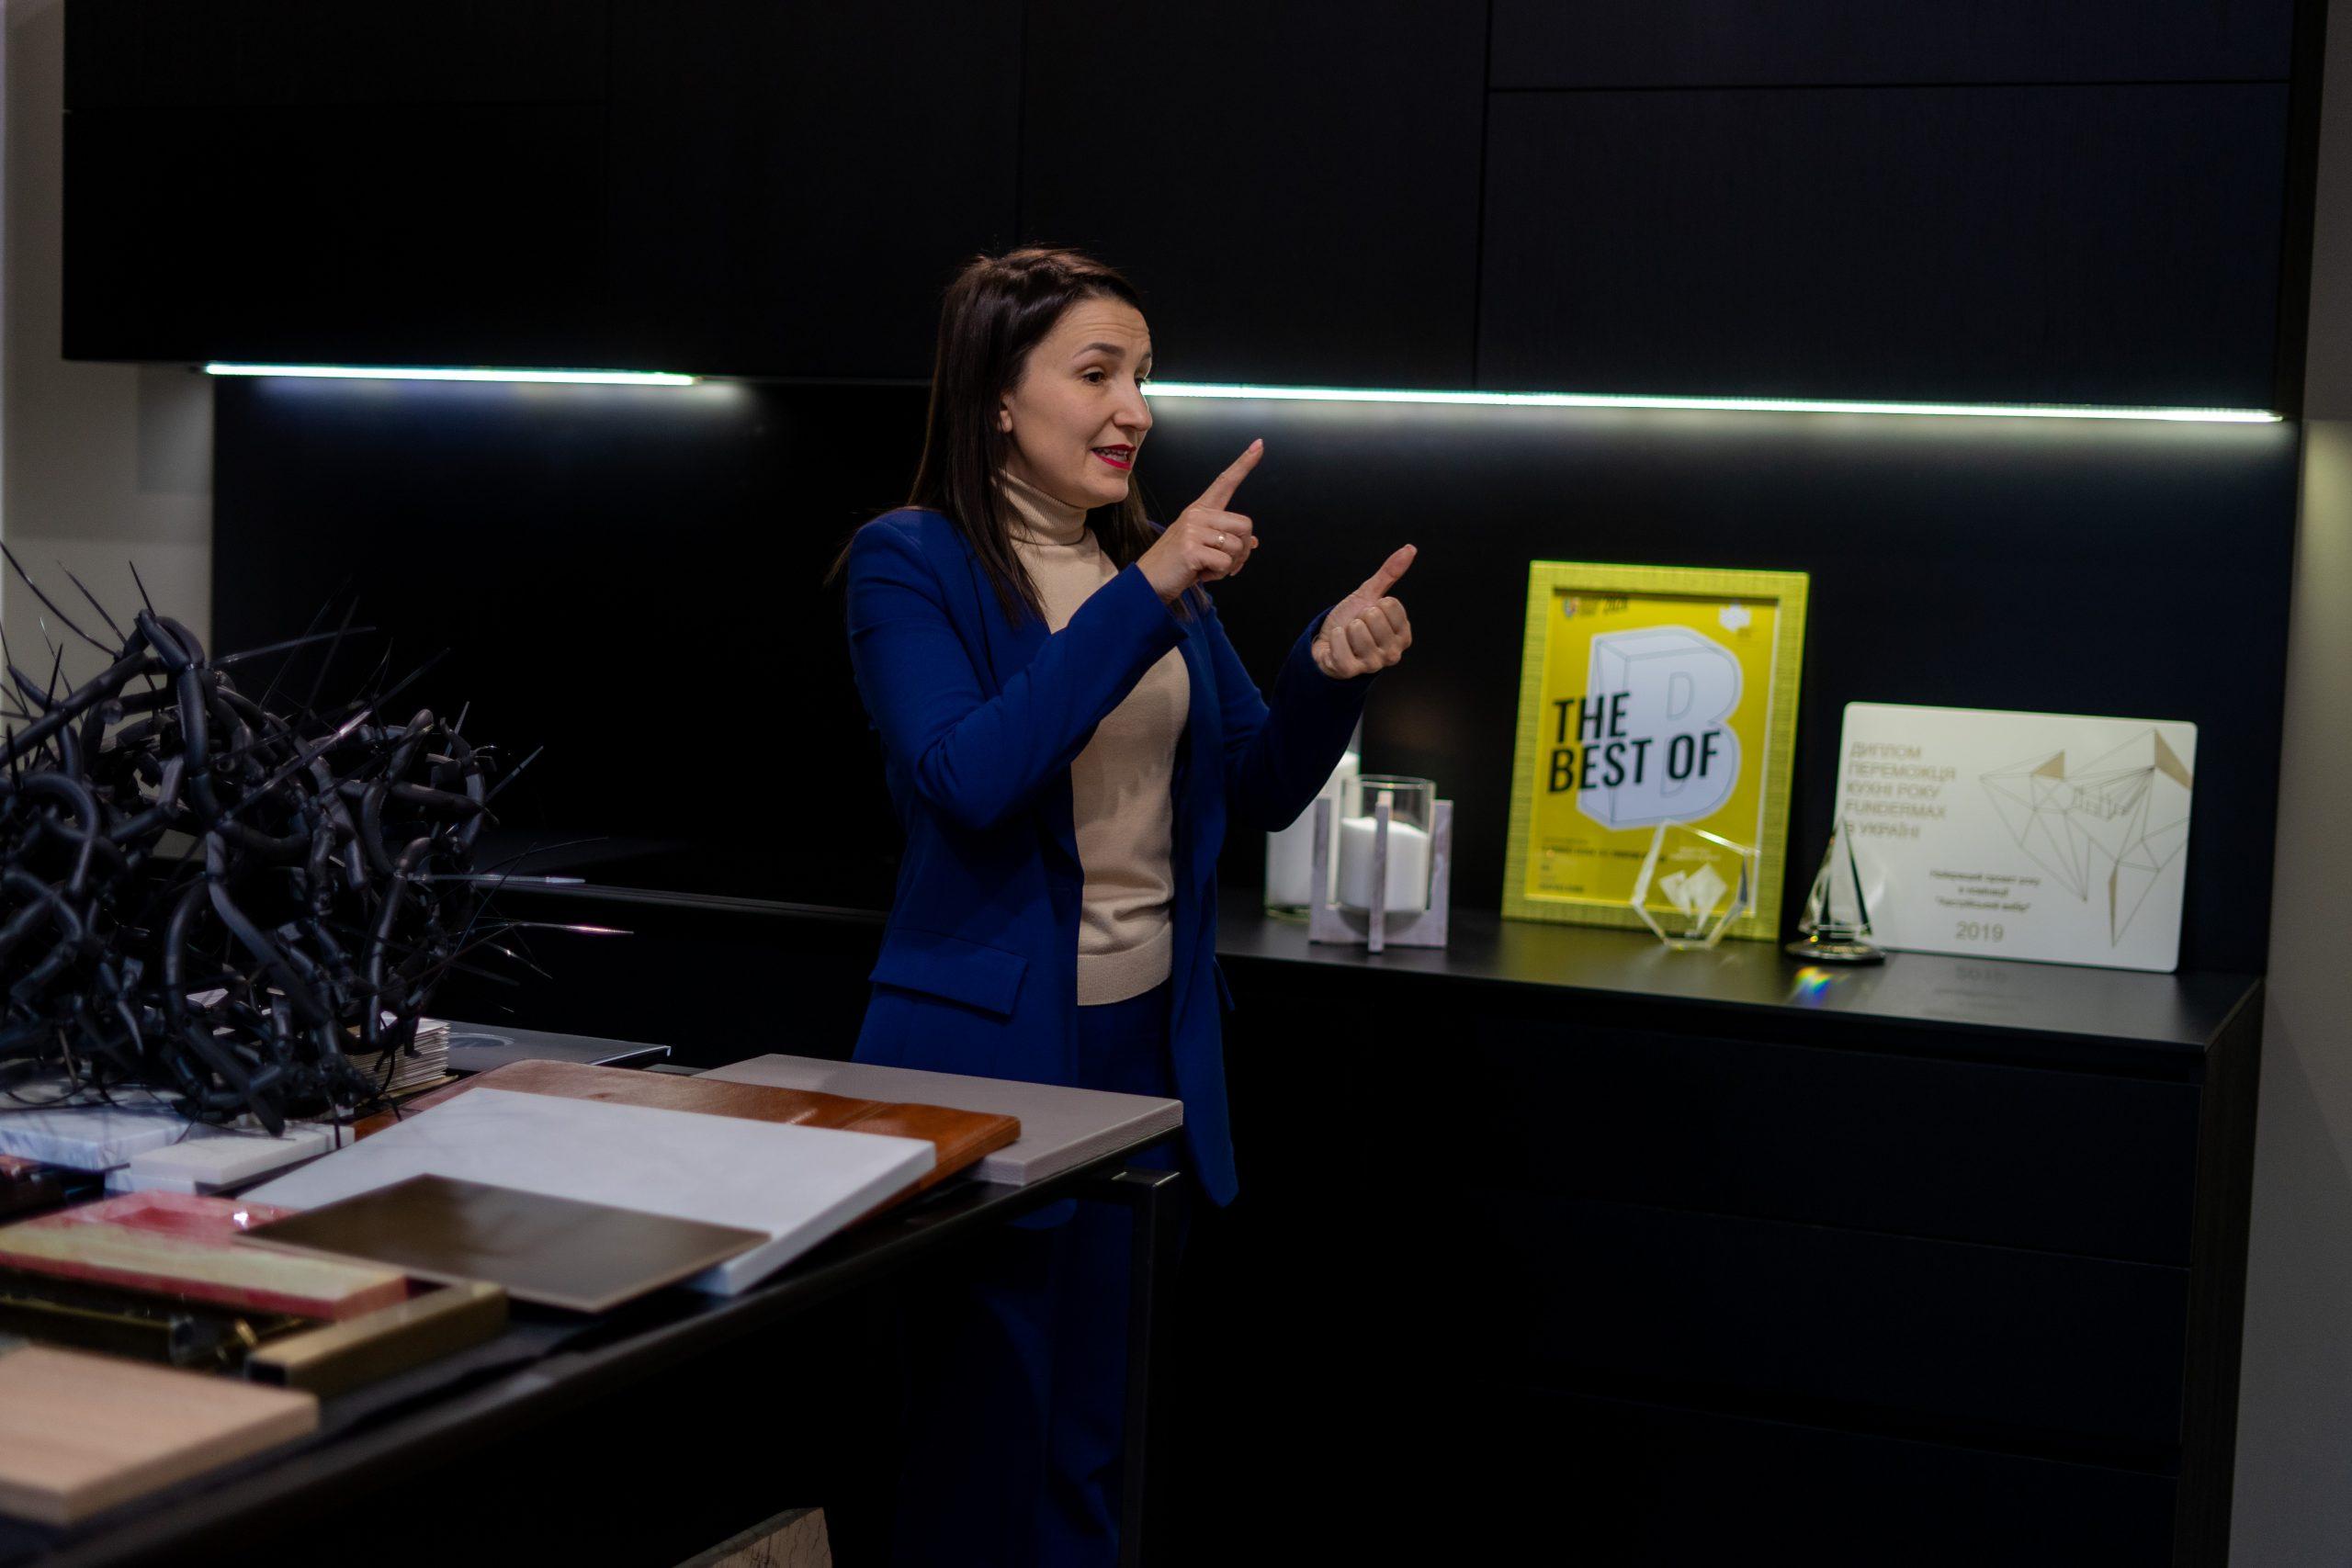 Наталья Донченко, соосновательница фабрики DONNA